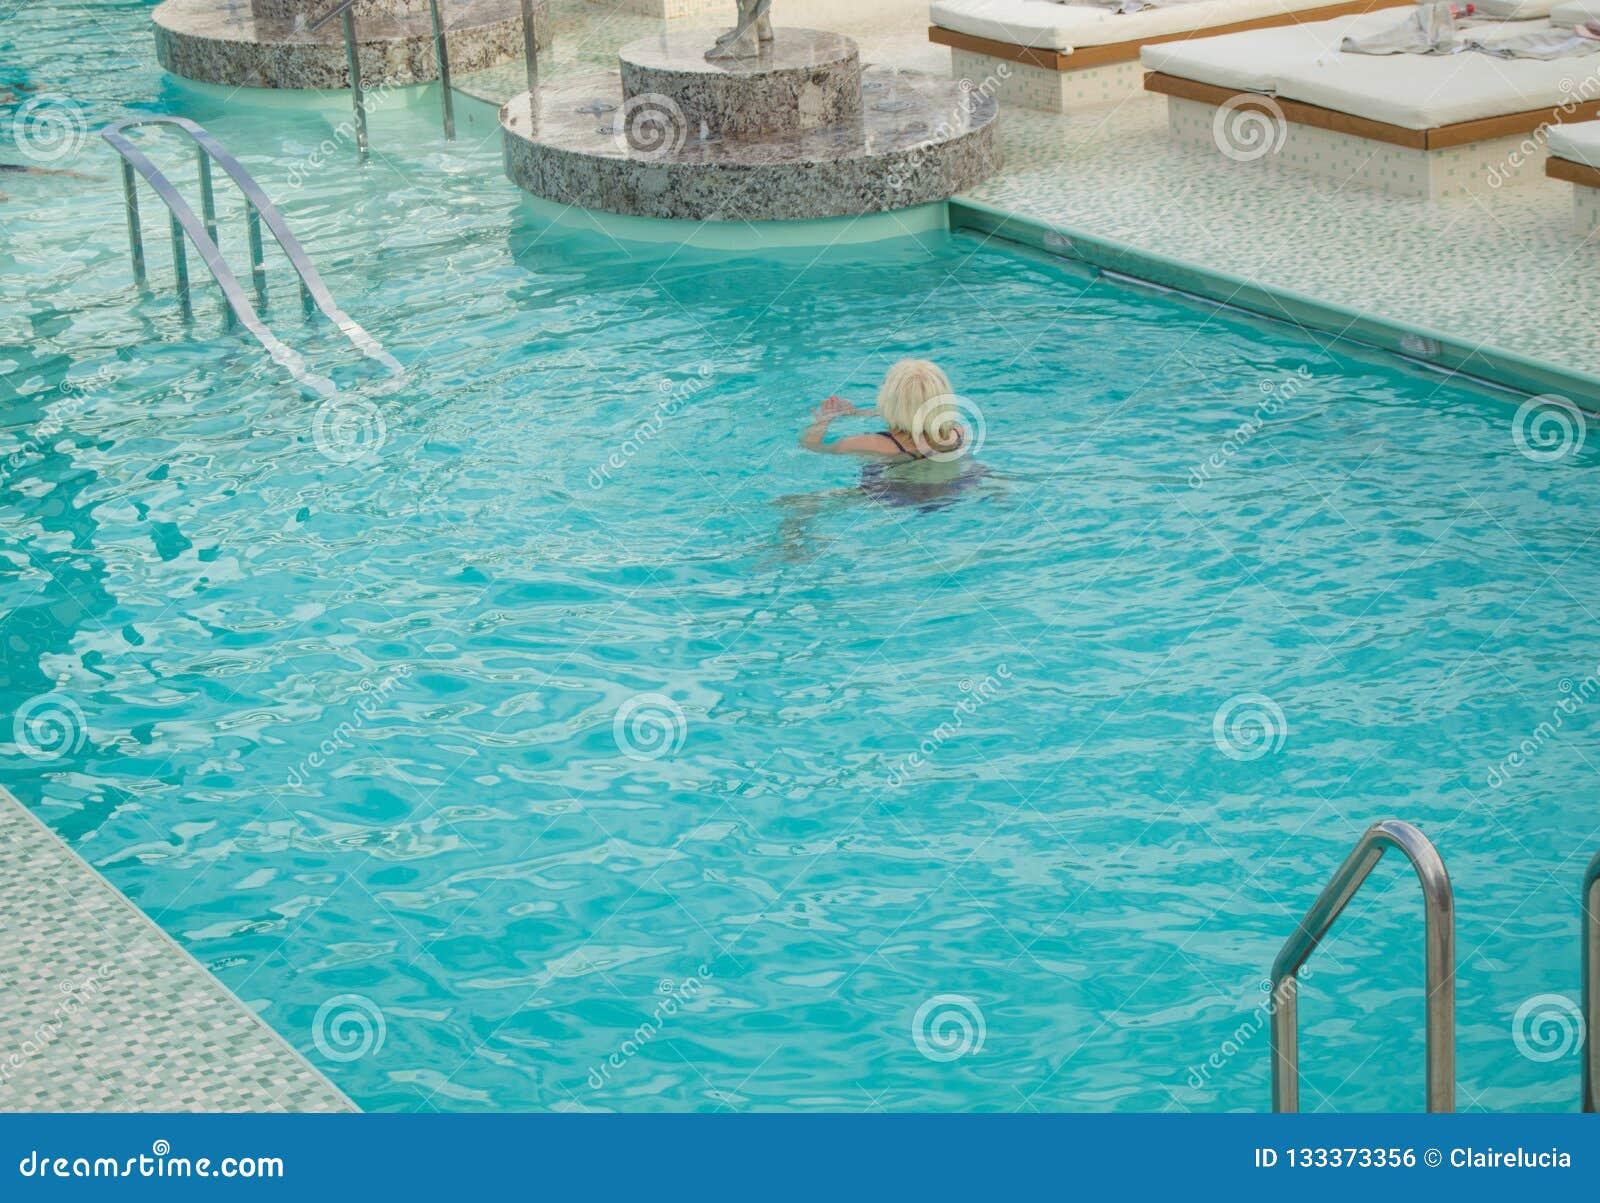 Взрослая белокурая женщина наслаждается поплавать в роскошном бассейне на туристическом судне